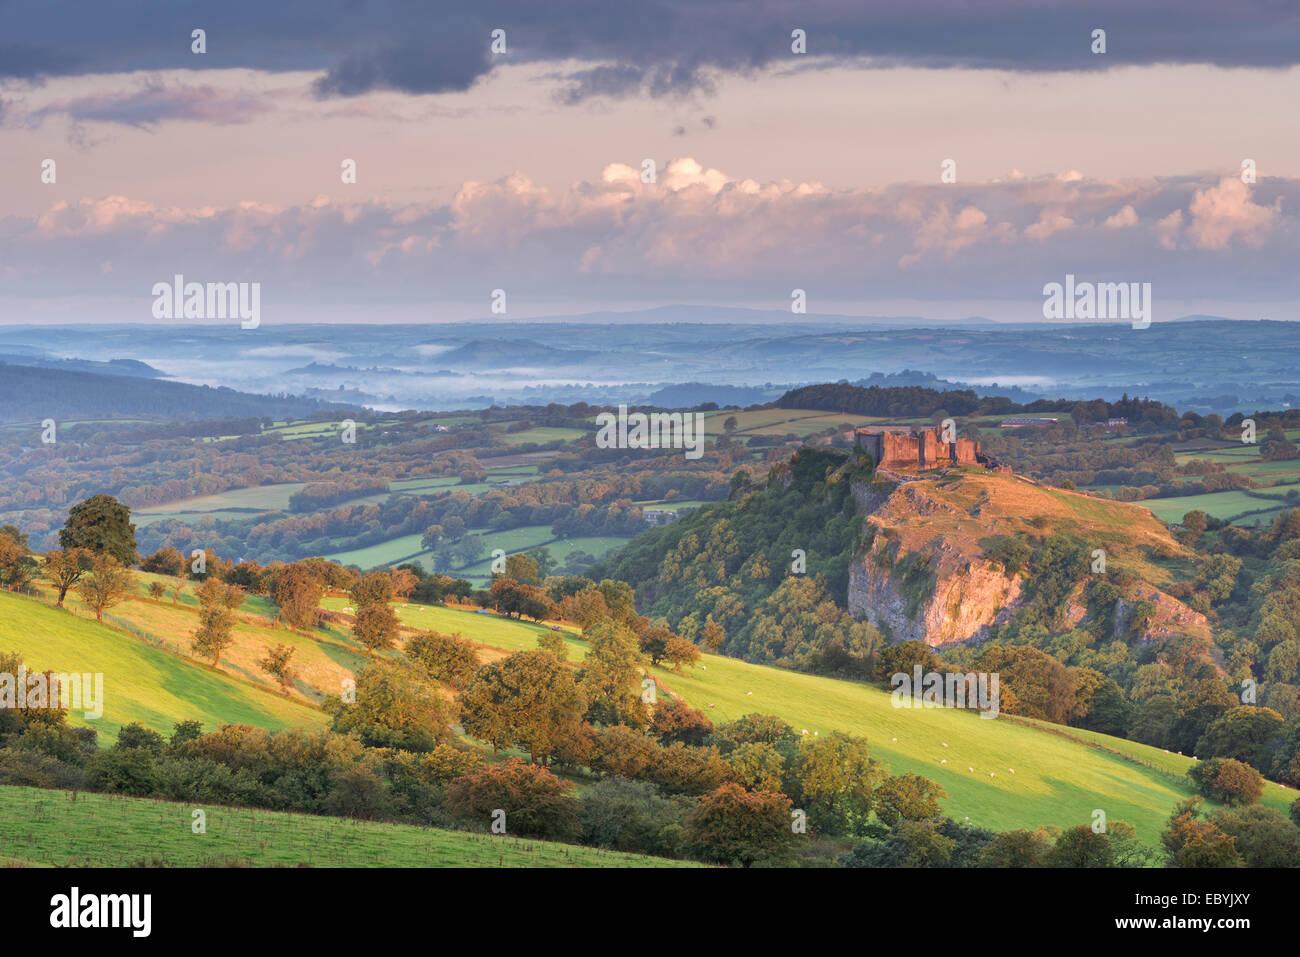 Carreg Cennen Castle dans les Brecon Beacons, Carmarthenshire, Pays de Galles. L'été (août) 2014. Photo Stock